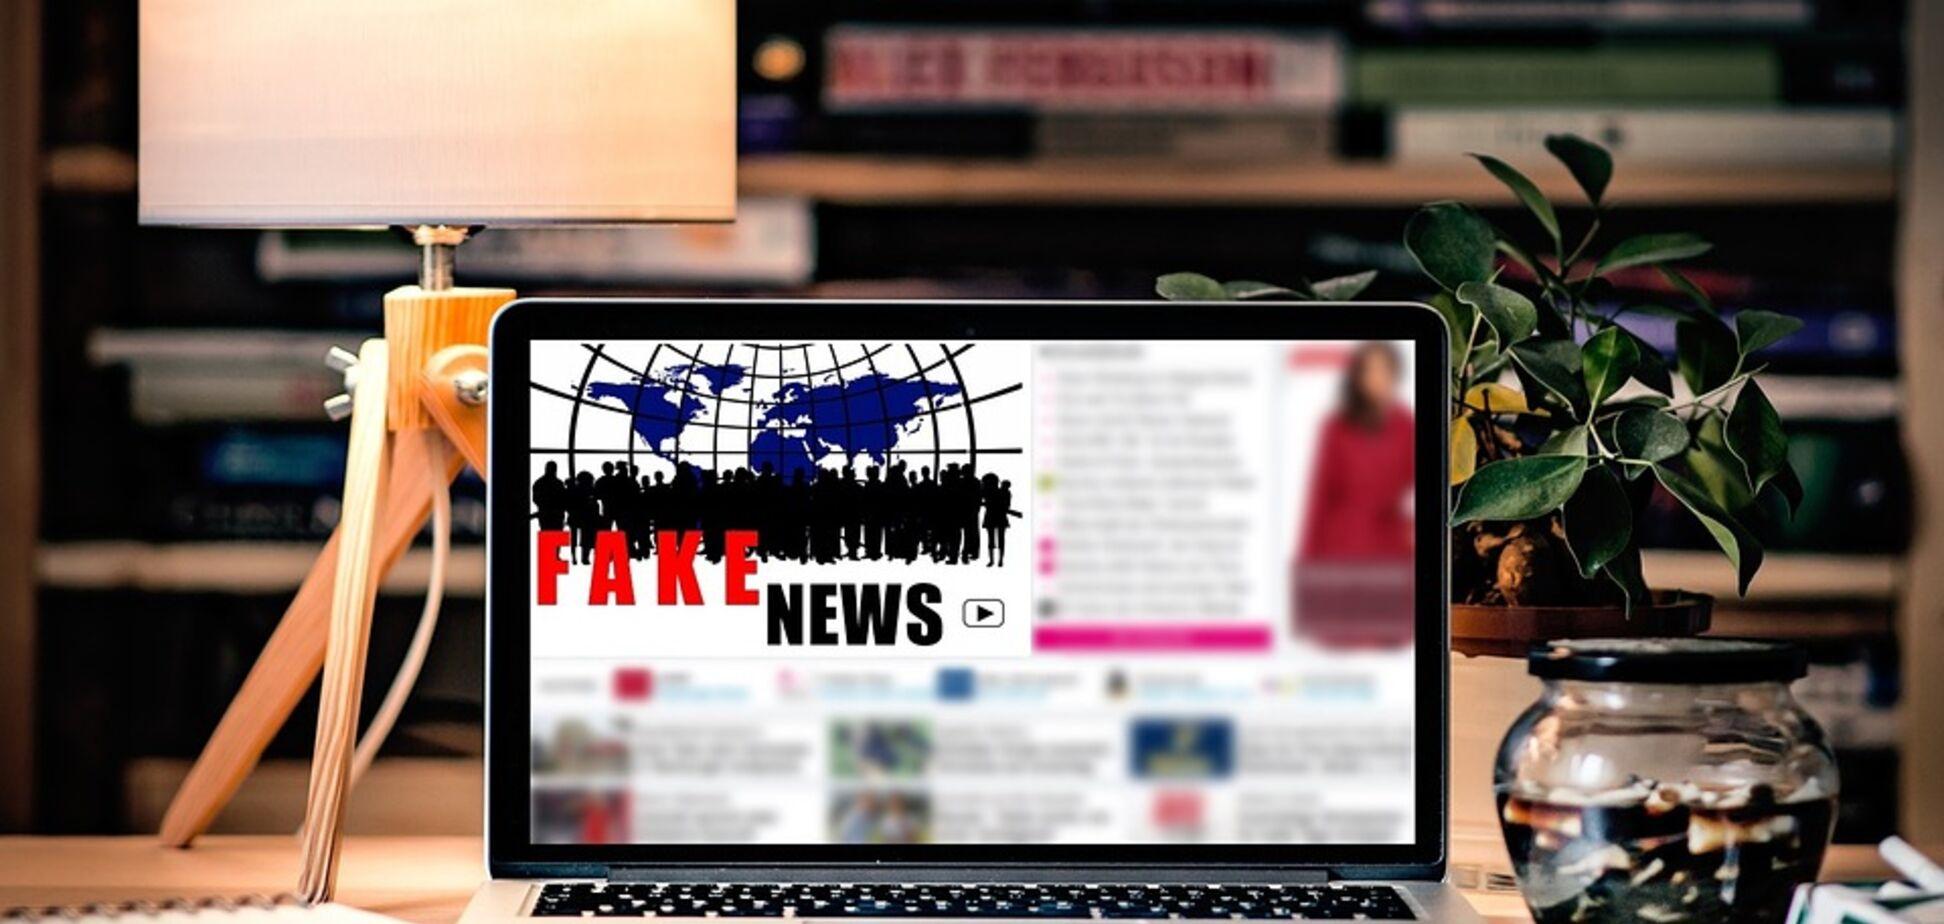 Французький Крим: в мережі висміяли фейк про відпочиваючих на півострові українців